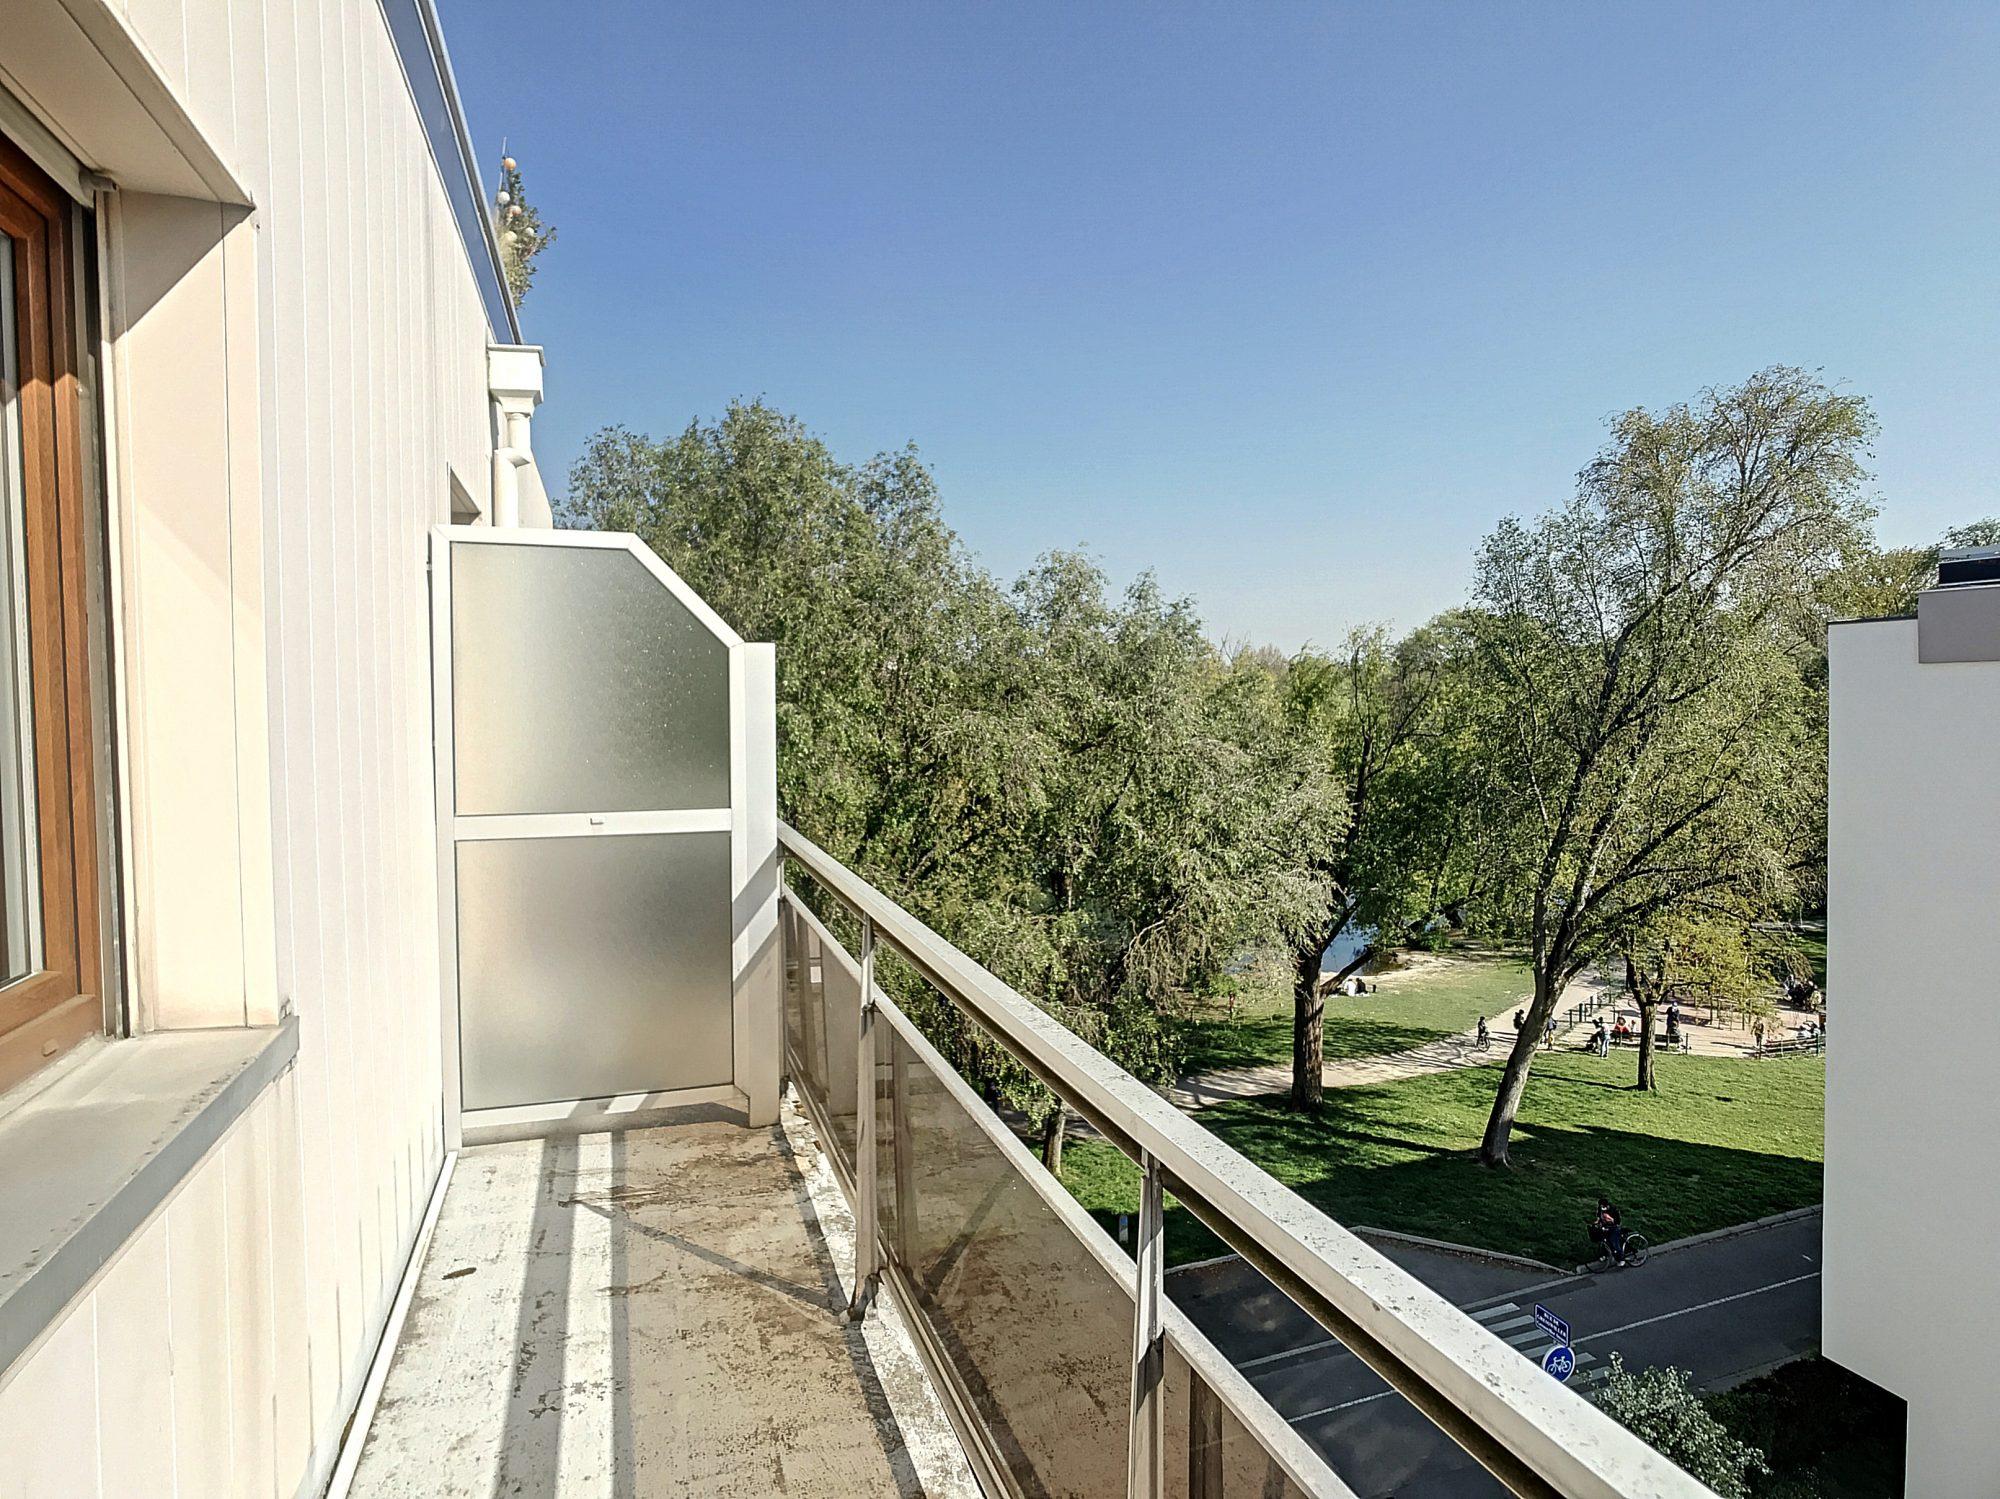 MONTAGNE-VERTE - 1 pces de 32.23m² avec balcon